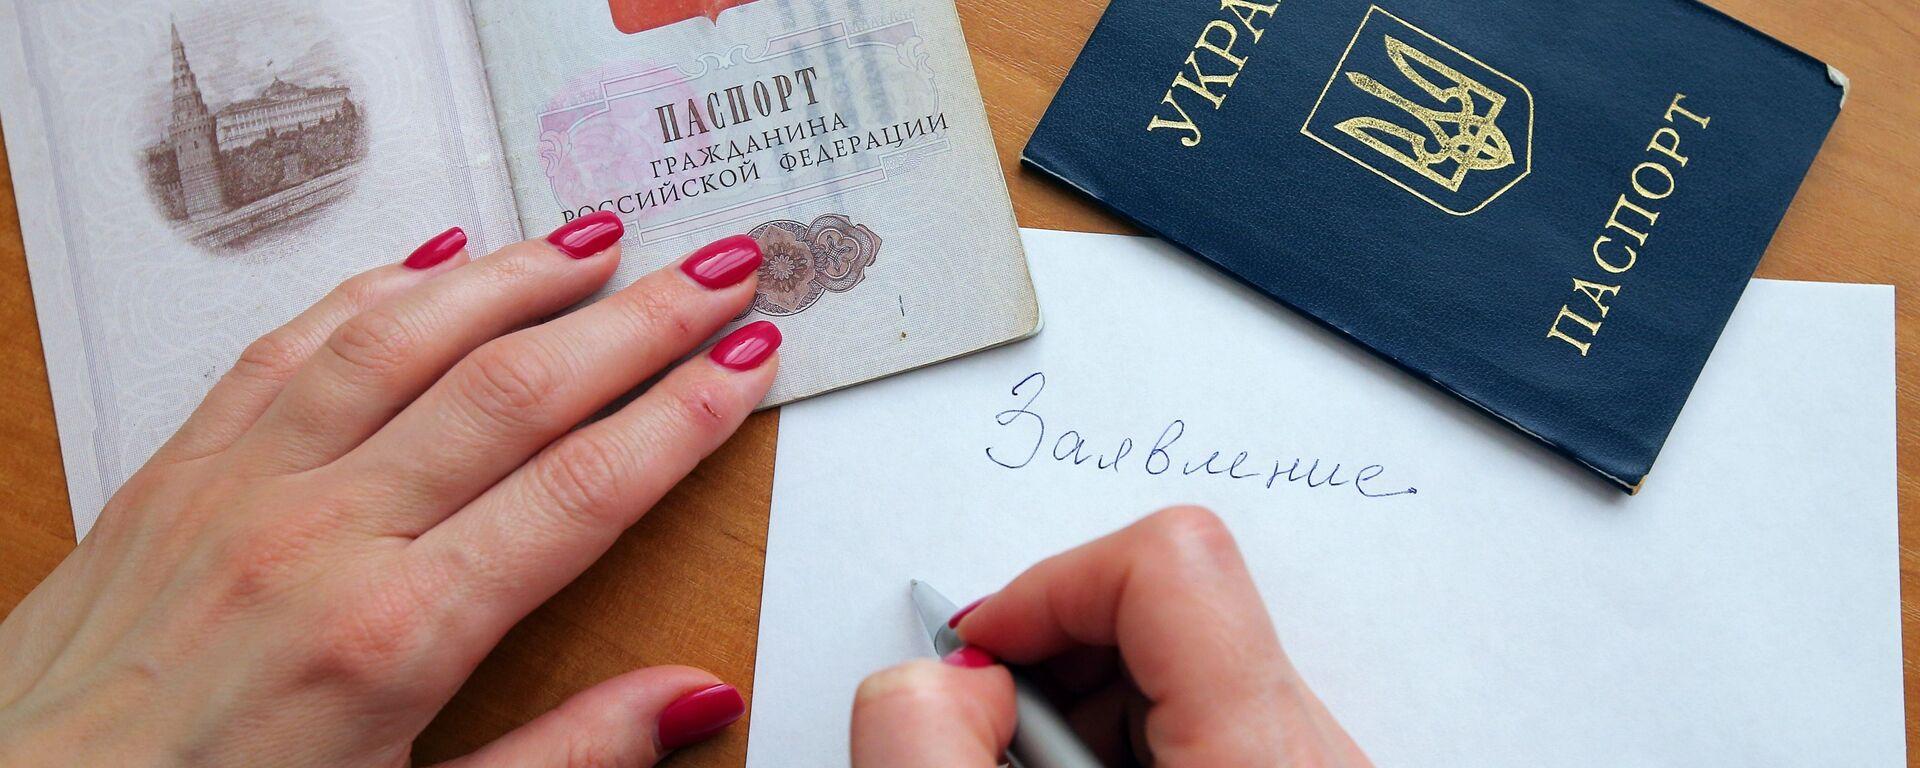 Паспорта гражданина Российской Федерации и гражданина Украины. - Sputnik Латвия, 1920, 29.07.2021